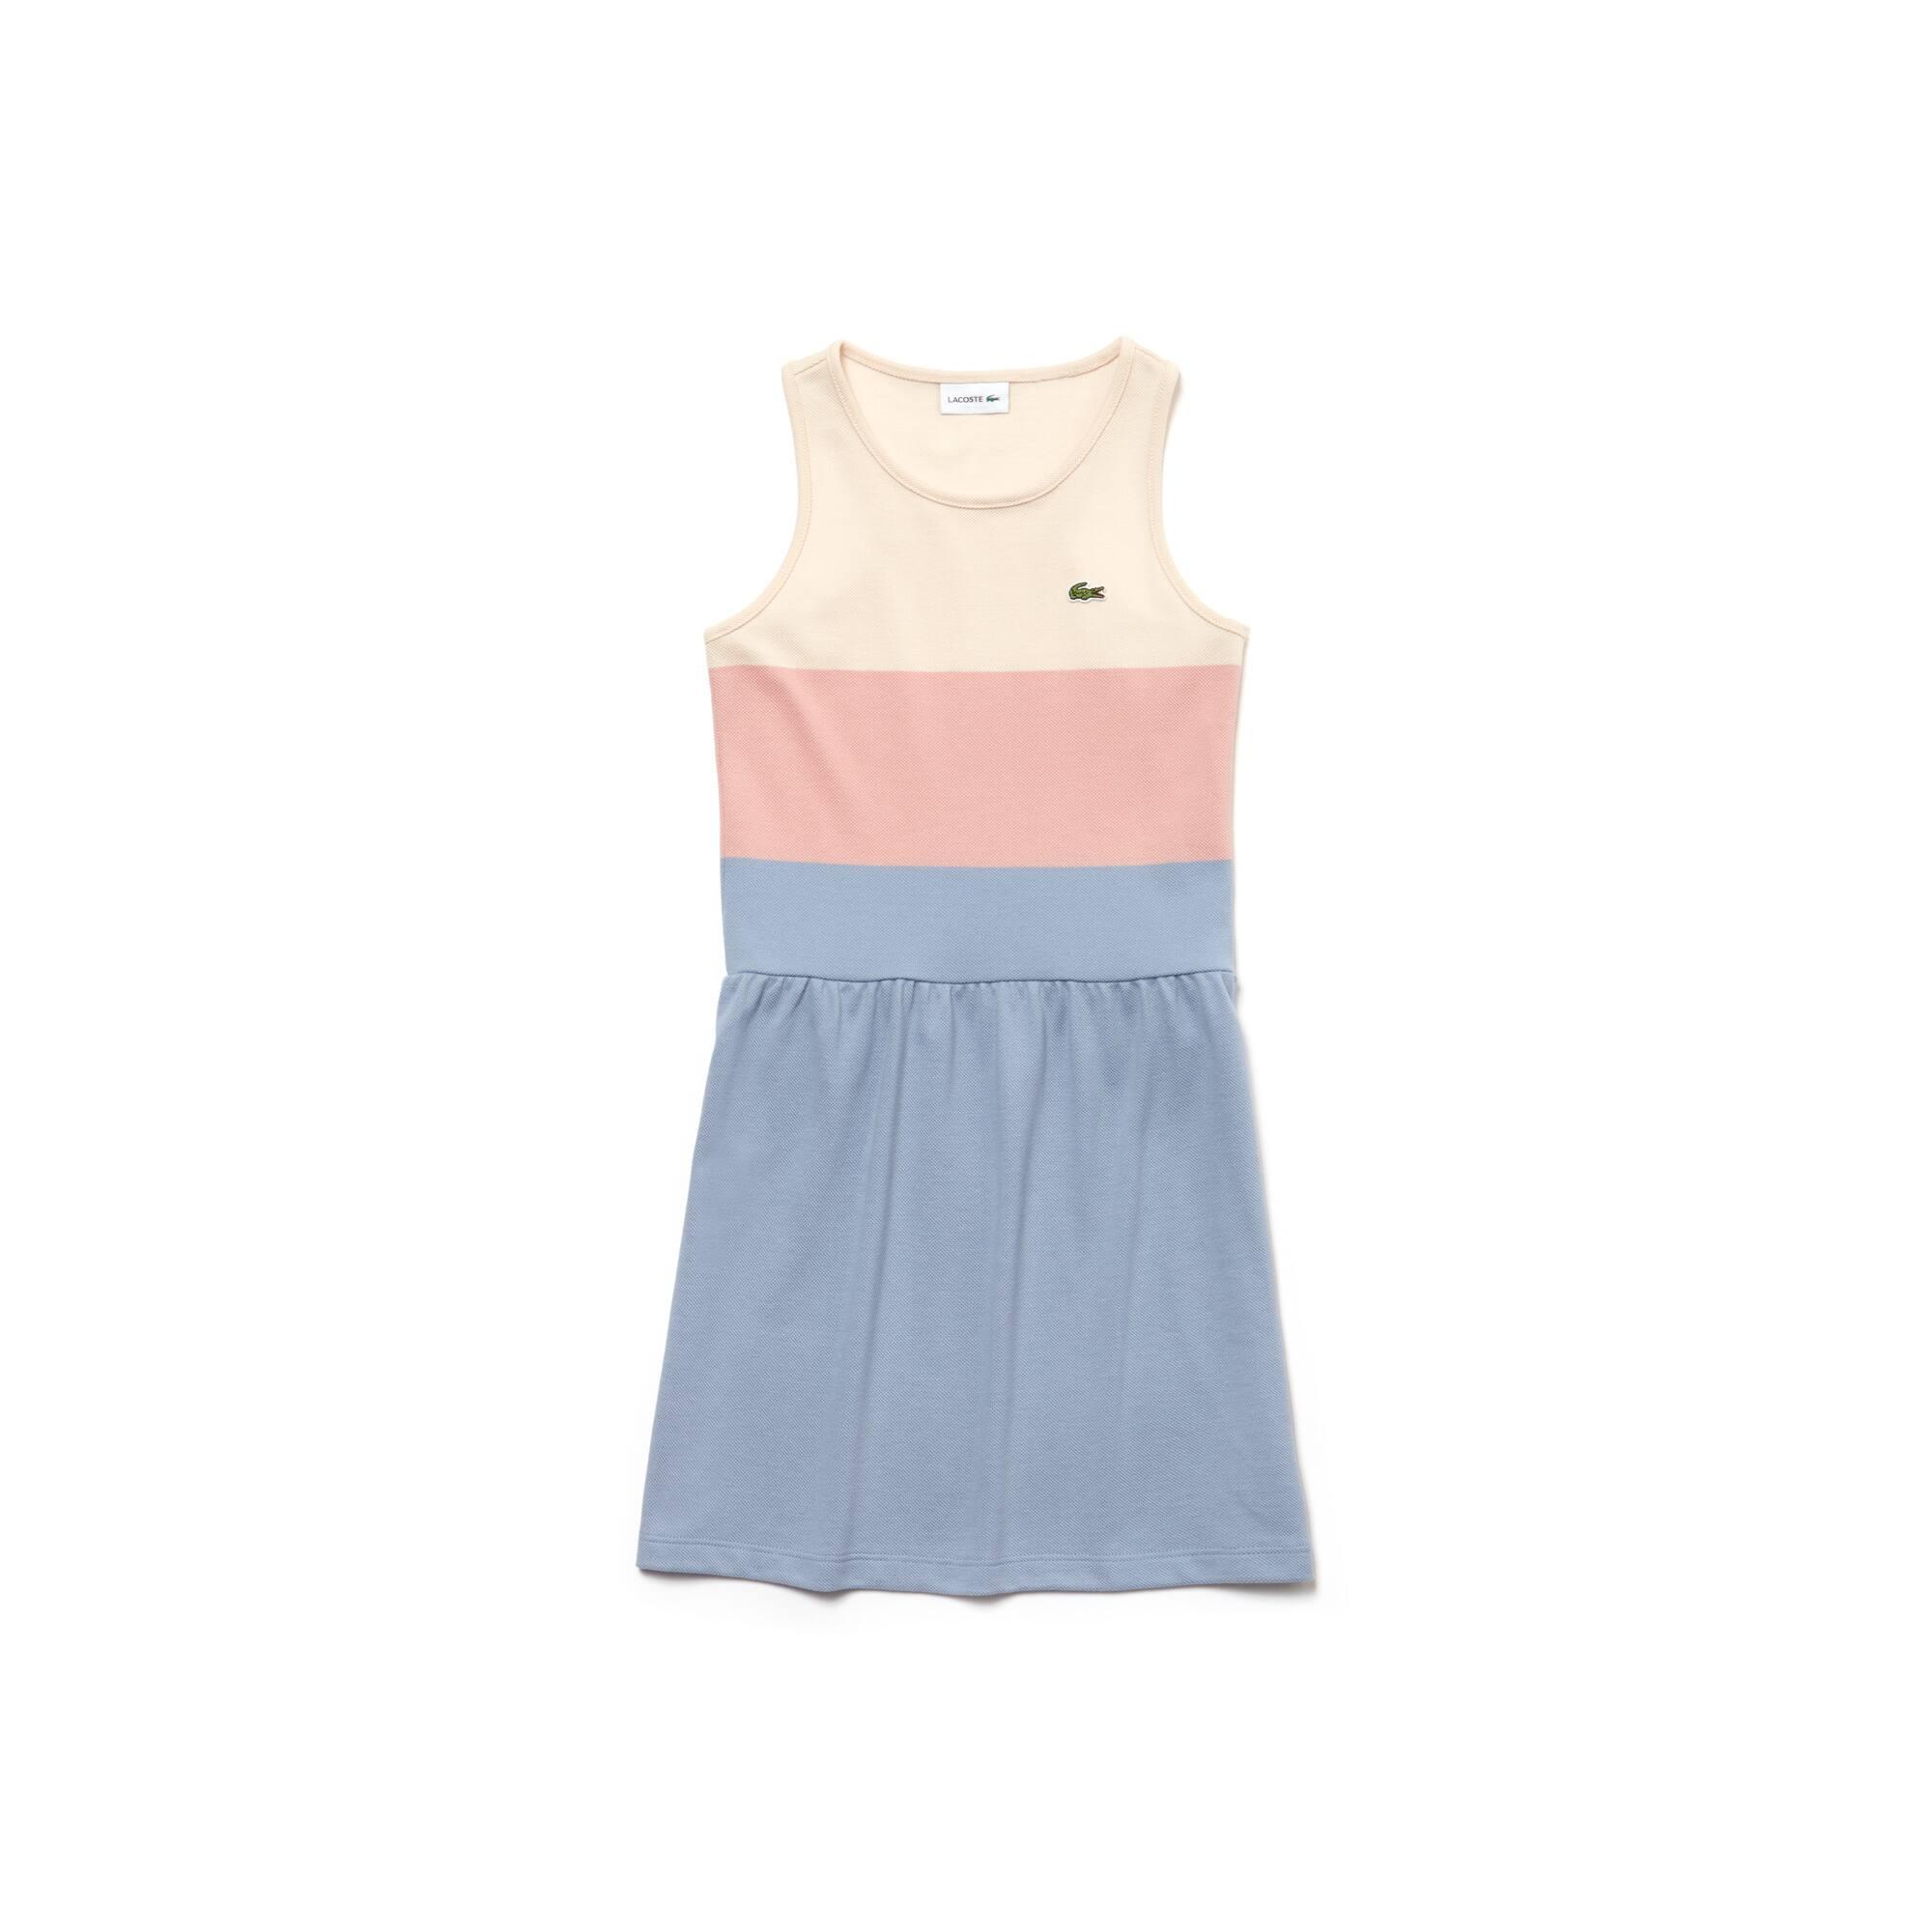 Vestido sin mangas de chica en piqué de algodón color block